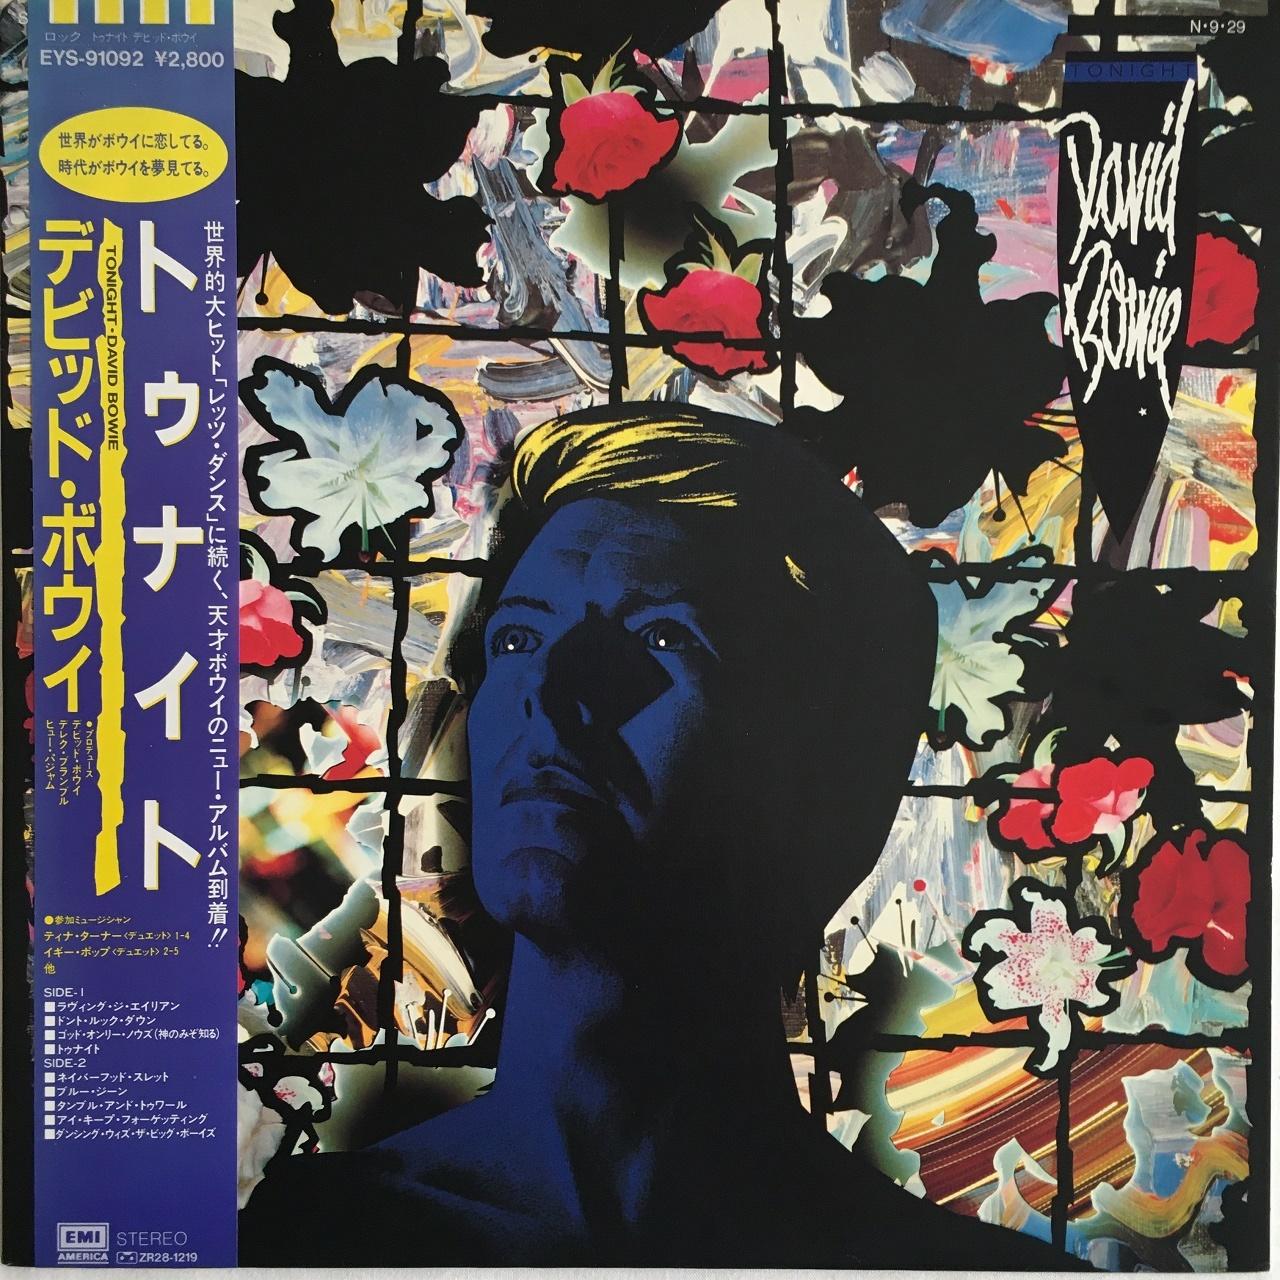 【LP・国内盤】デイヴィッド・ボウイ  /  トゥナイト